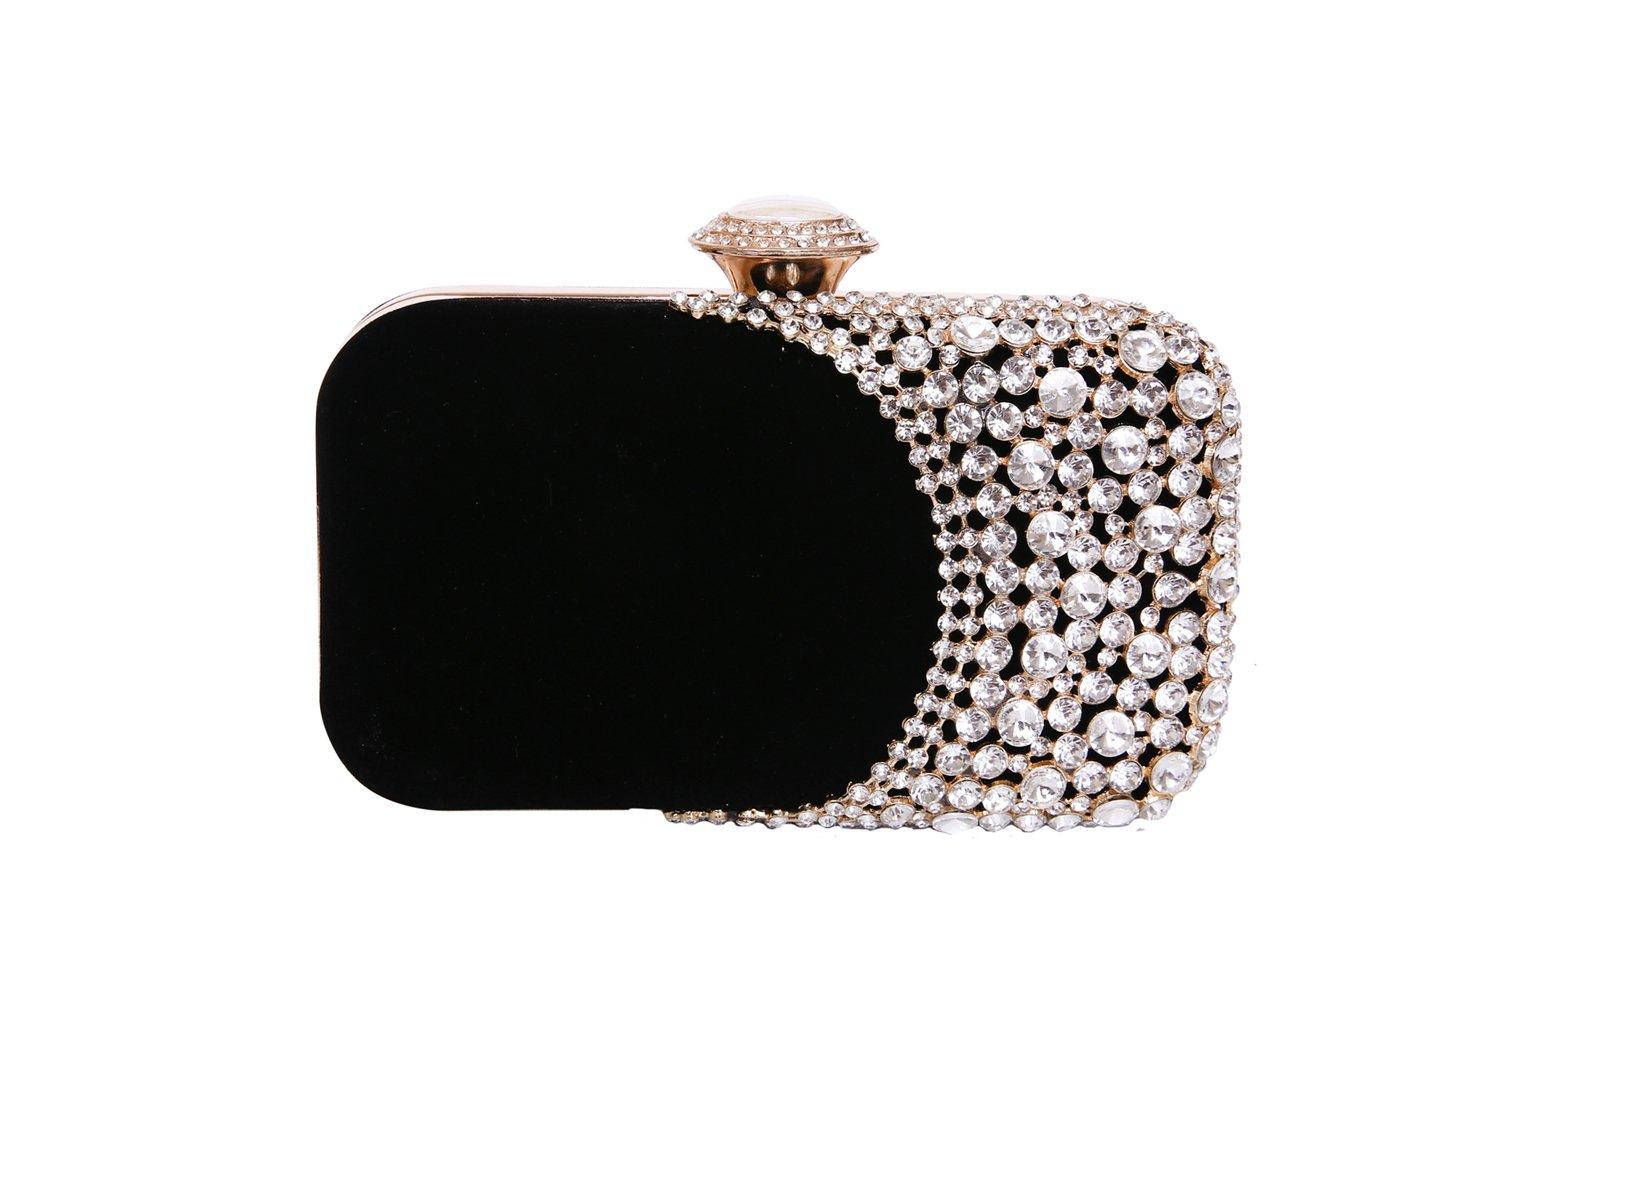 Womens Rhinestone Evening Bag Bridal Clutch Purse Wedding Party Cocktail Handbag (Black)